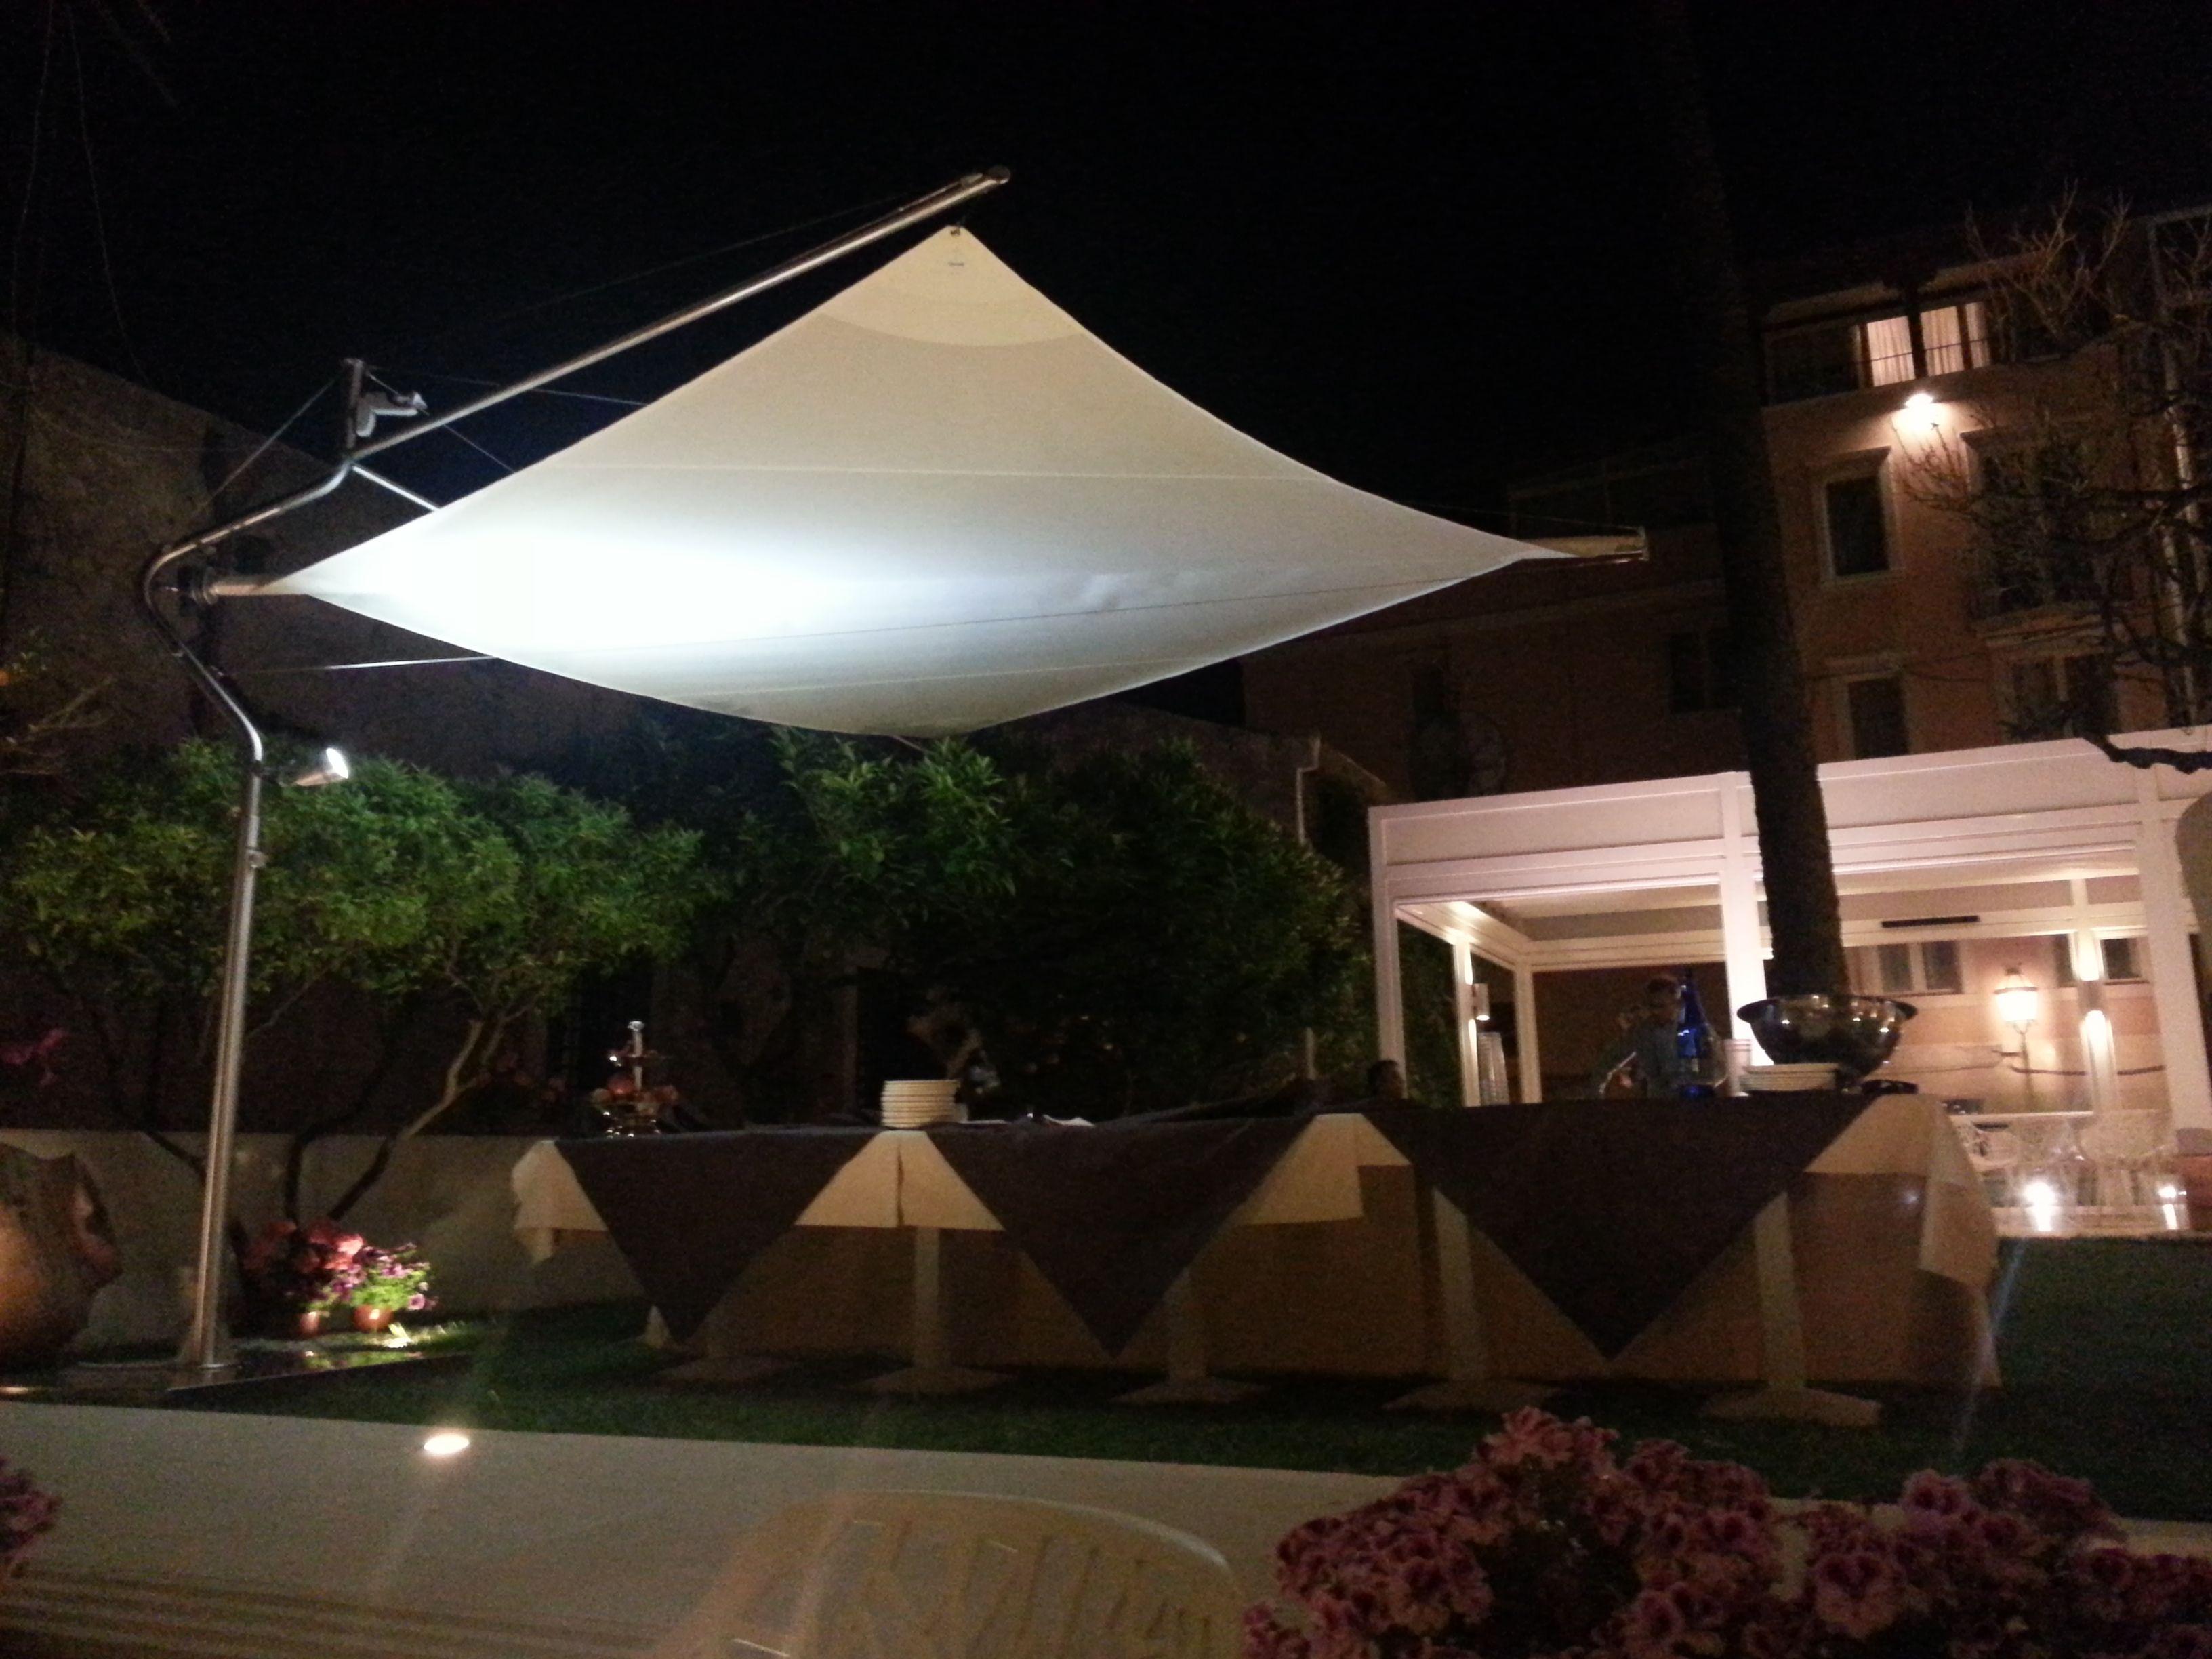 """Vela autoportante retraibile """"Defense"""" presso Hotel """"Il Piccolo Giardino"""" - Taormina"""